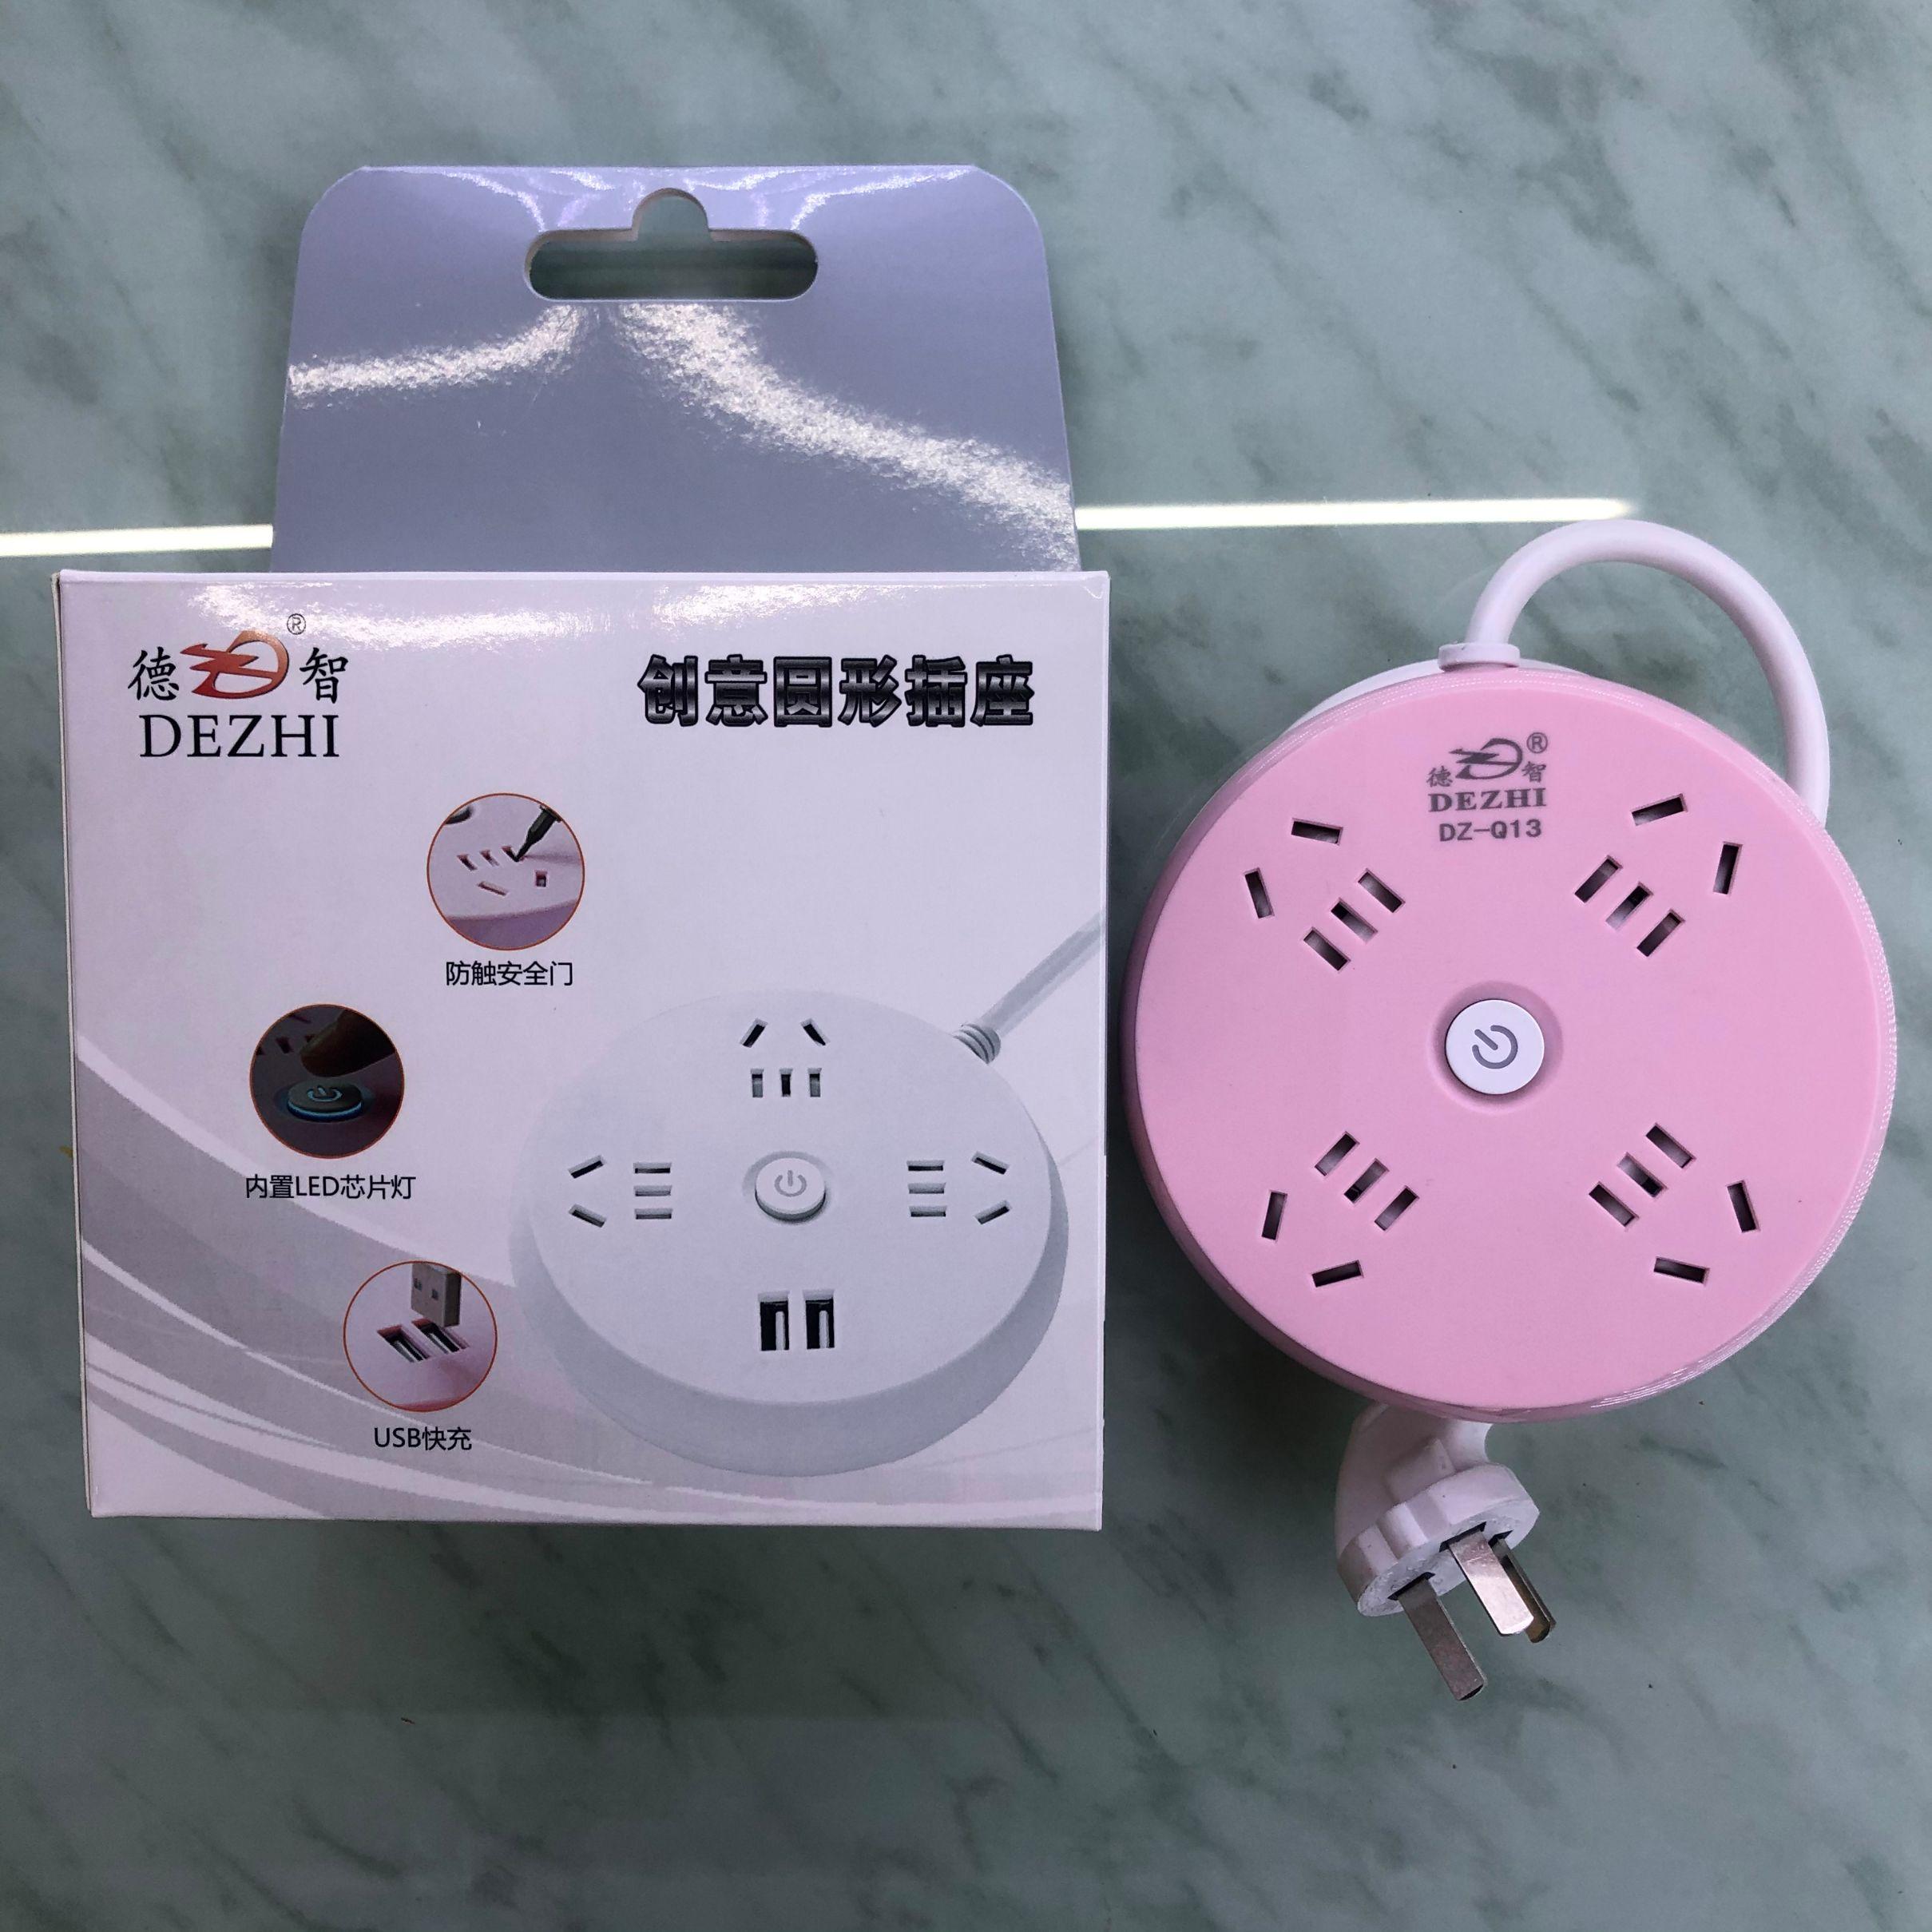 德智 DZ-Q13 一转四 圆形插座 粉色